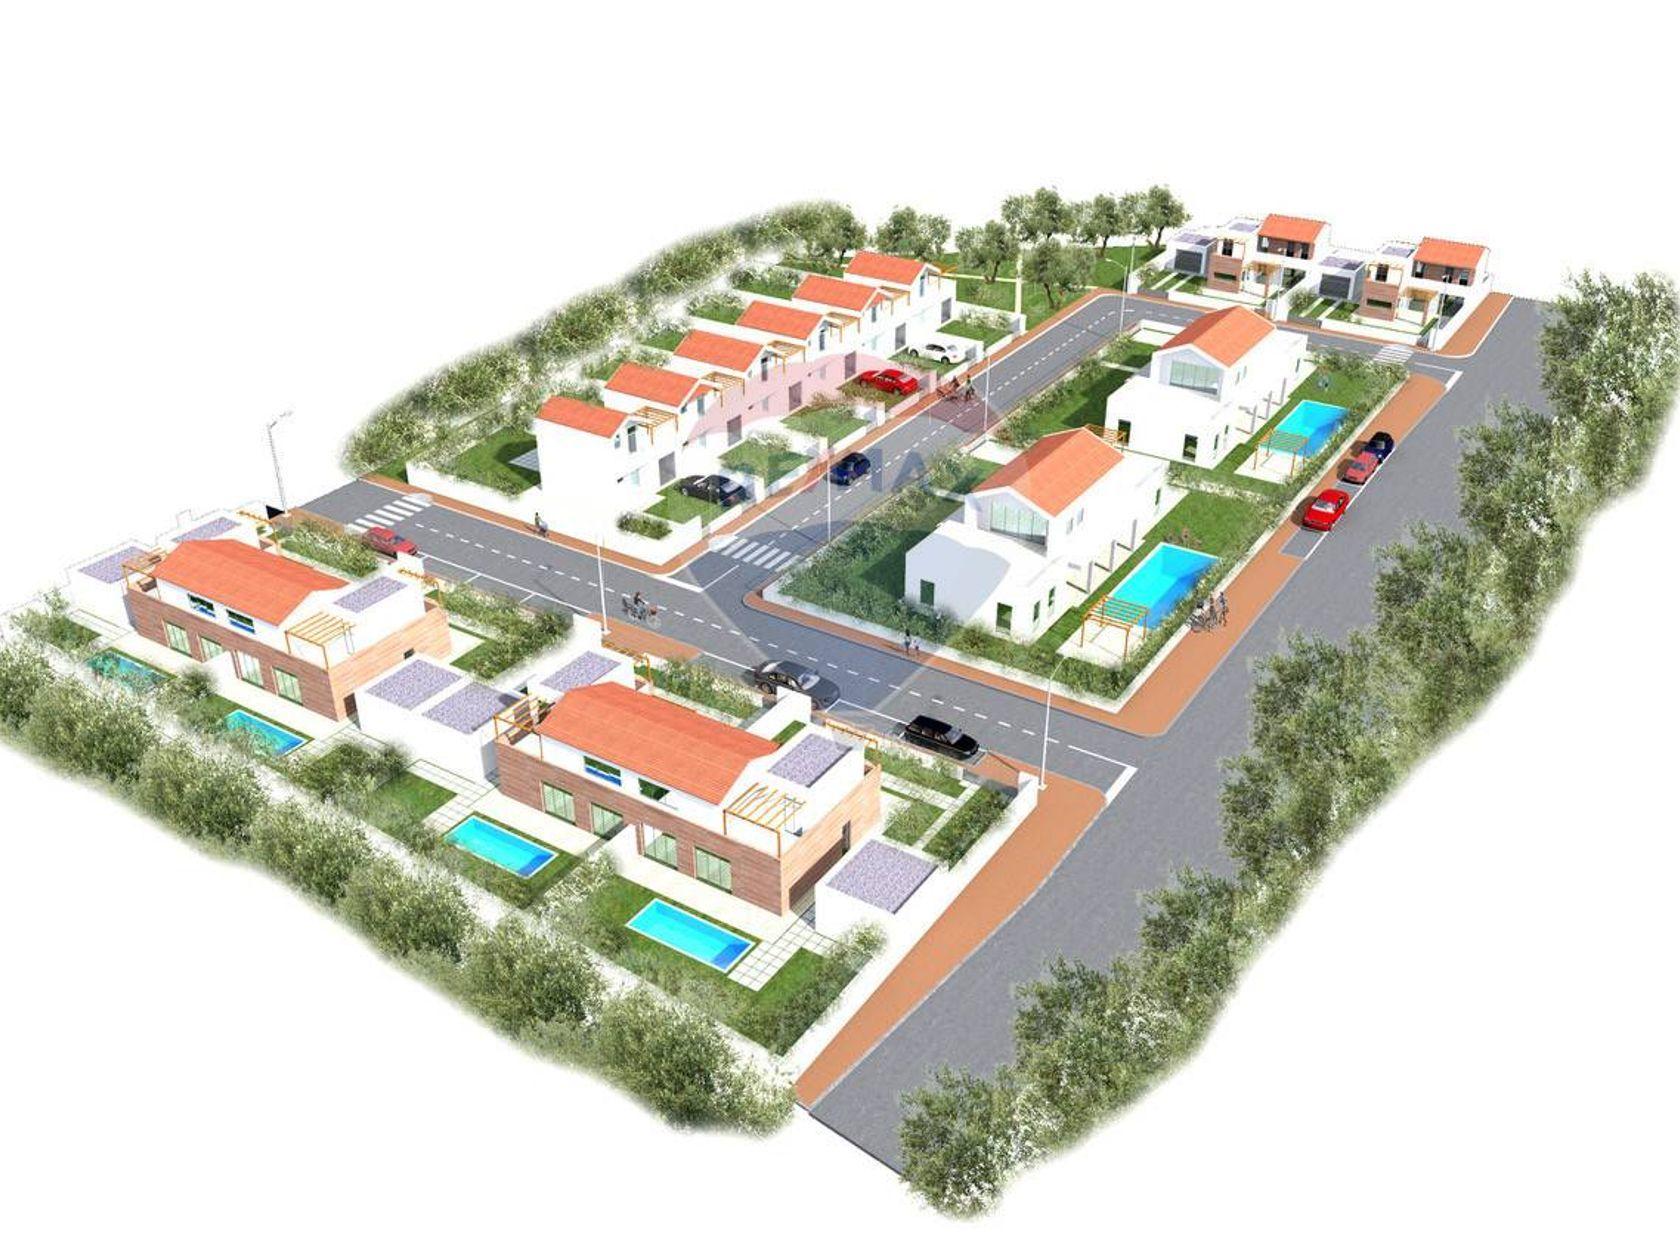 Terreno Edificabile Donigala Fenughedu, Oristano, OR Vendita - Foto 2